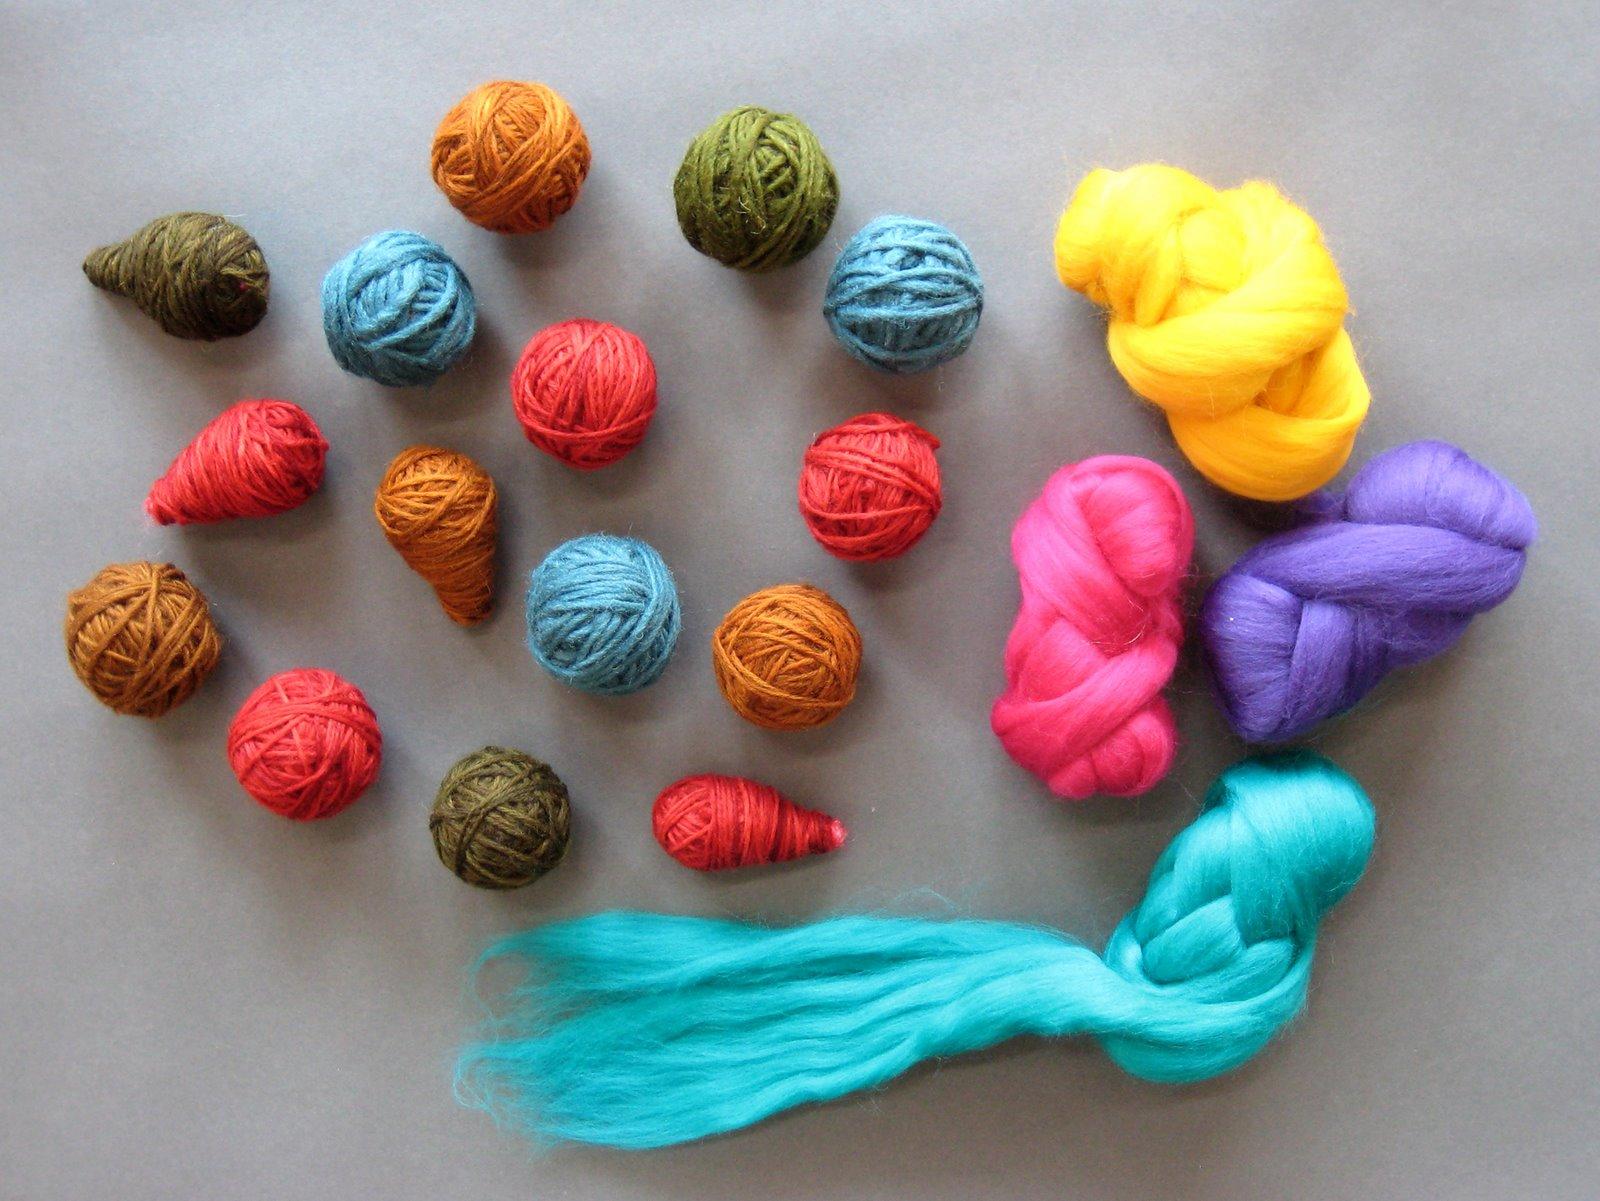 [yarn+balls.jpg]